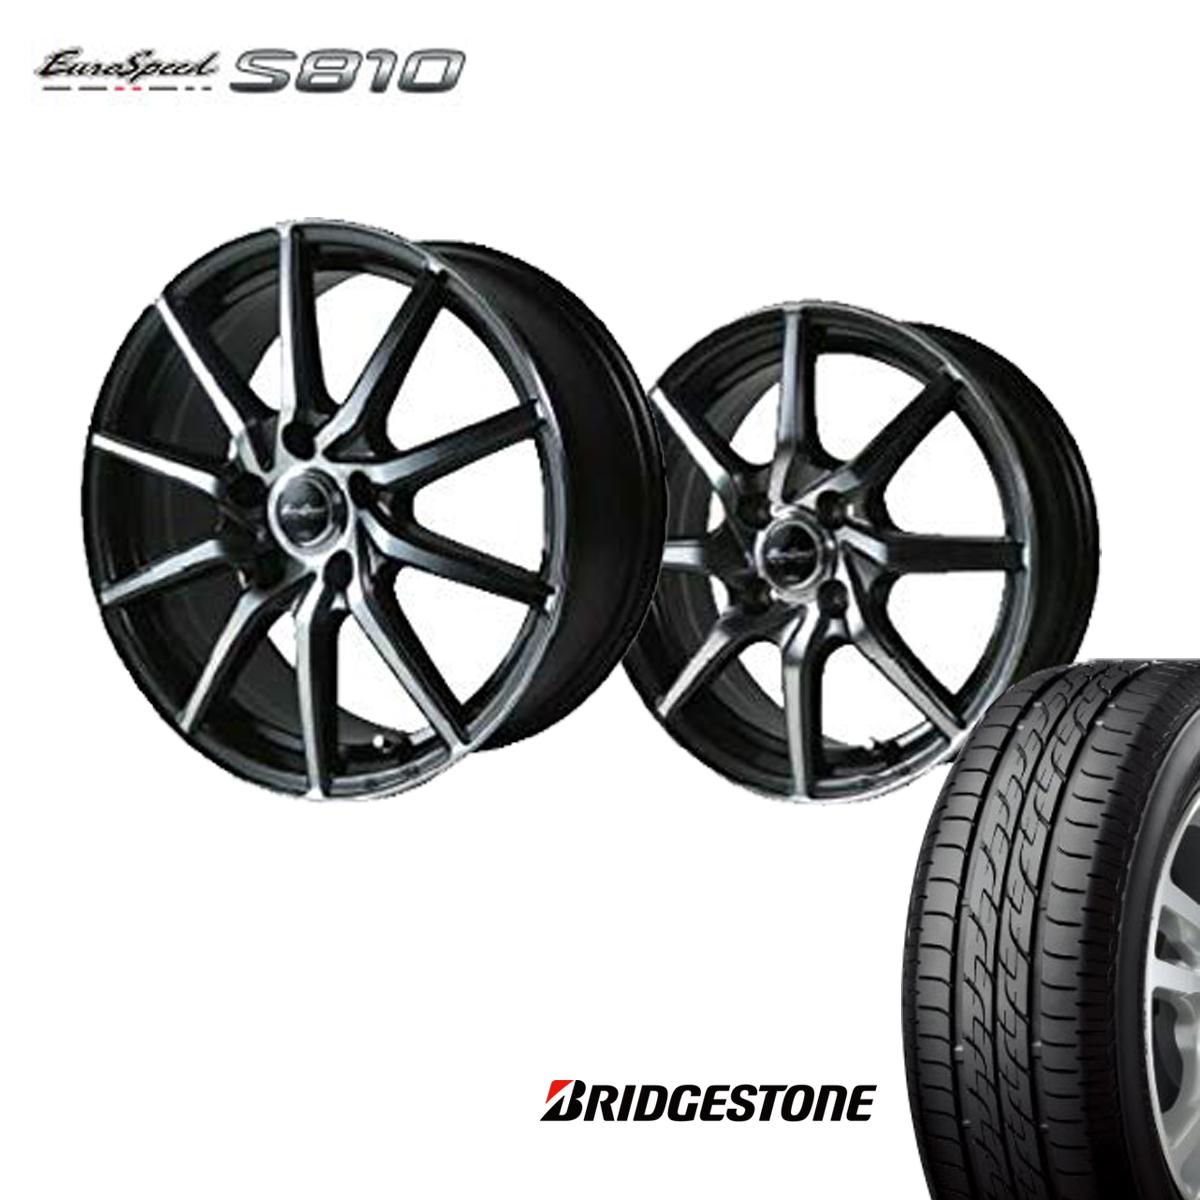 Euro Speed S810 タイヤ ホイール セット 4本 16インチ 5H100 6.5J+50 ユーロスピード S810 マナレイ スポーツ ブリヂストン 215/65R16 215 65 16